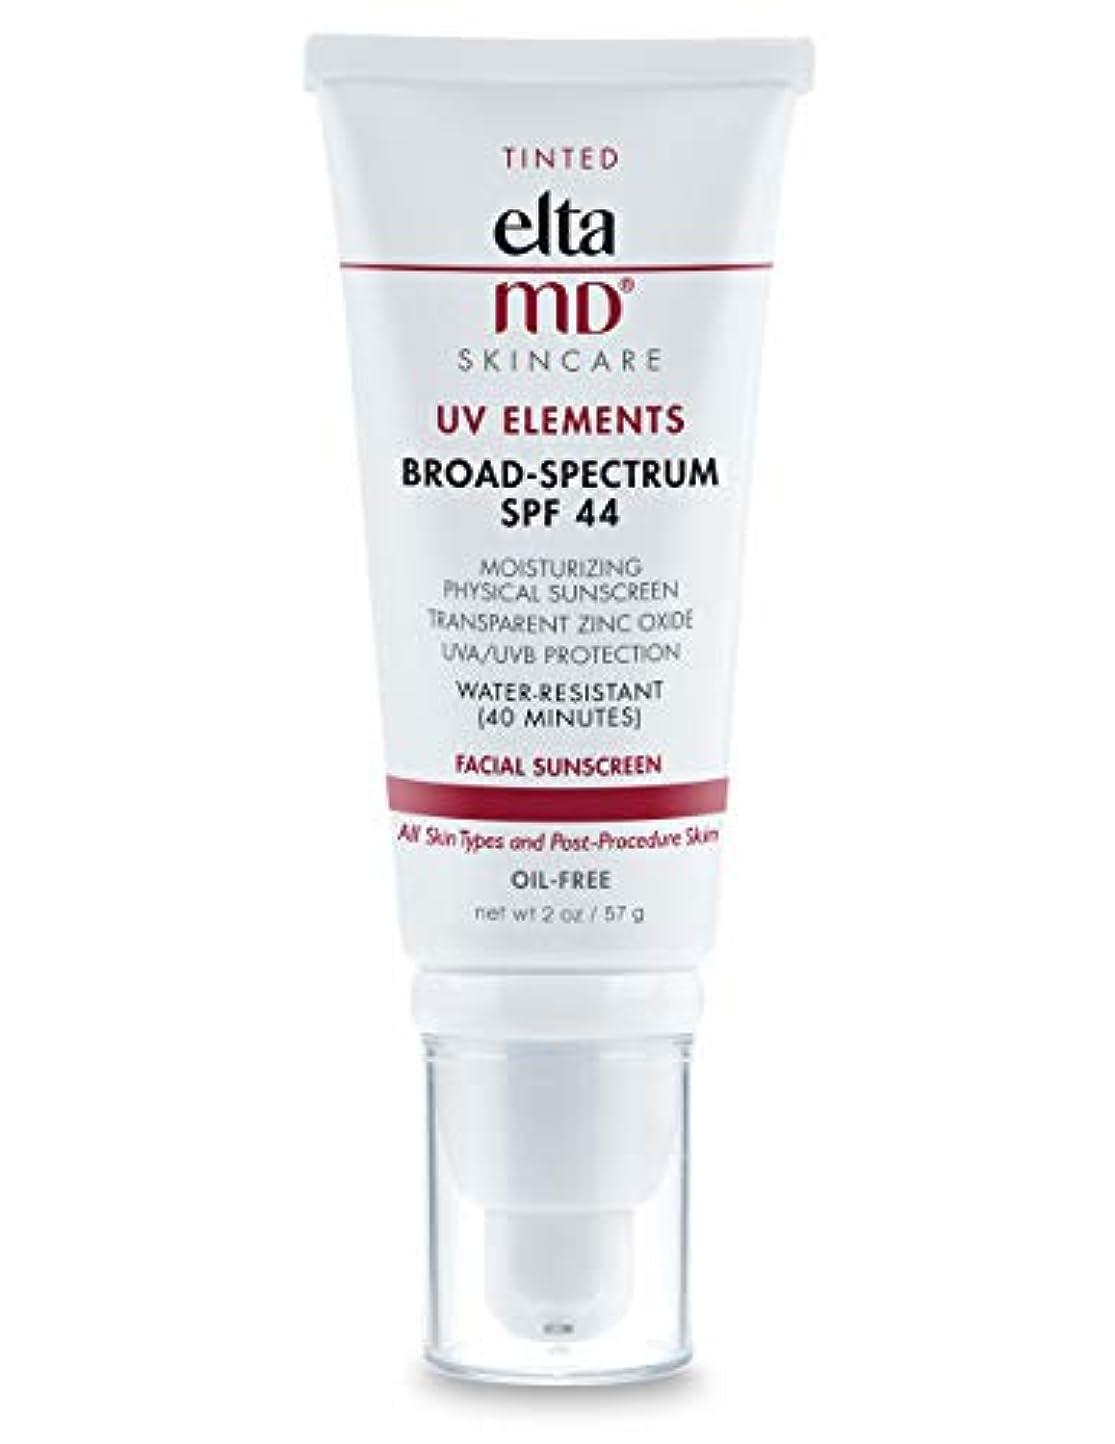 マークされた練る費やすエルタMD UV Elements Moisturizing Physical Tinted Facial Sunscreen SPF 44 - For All Skin Types & Post-Procedure Skin...